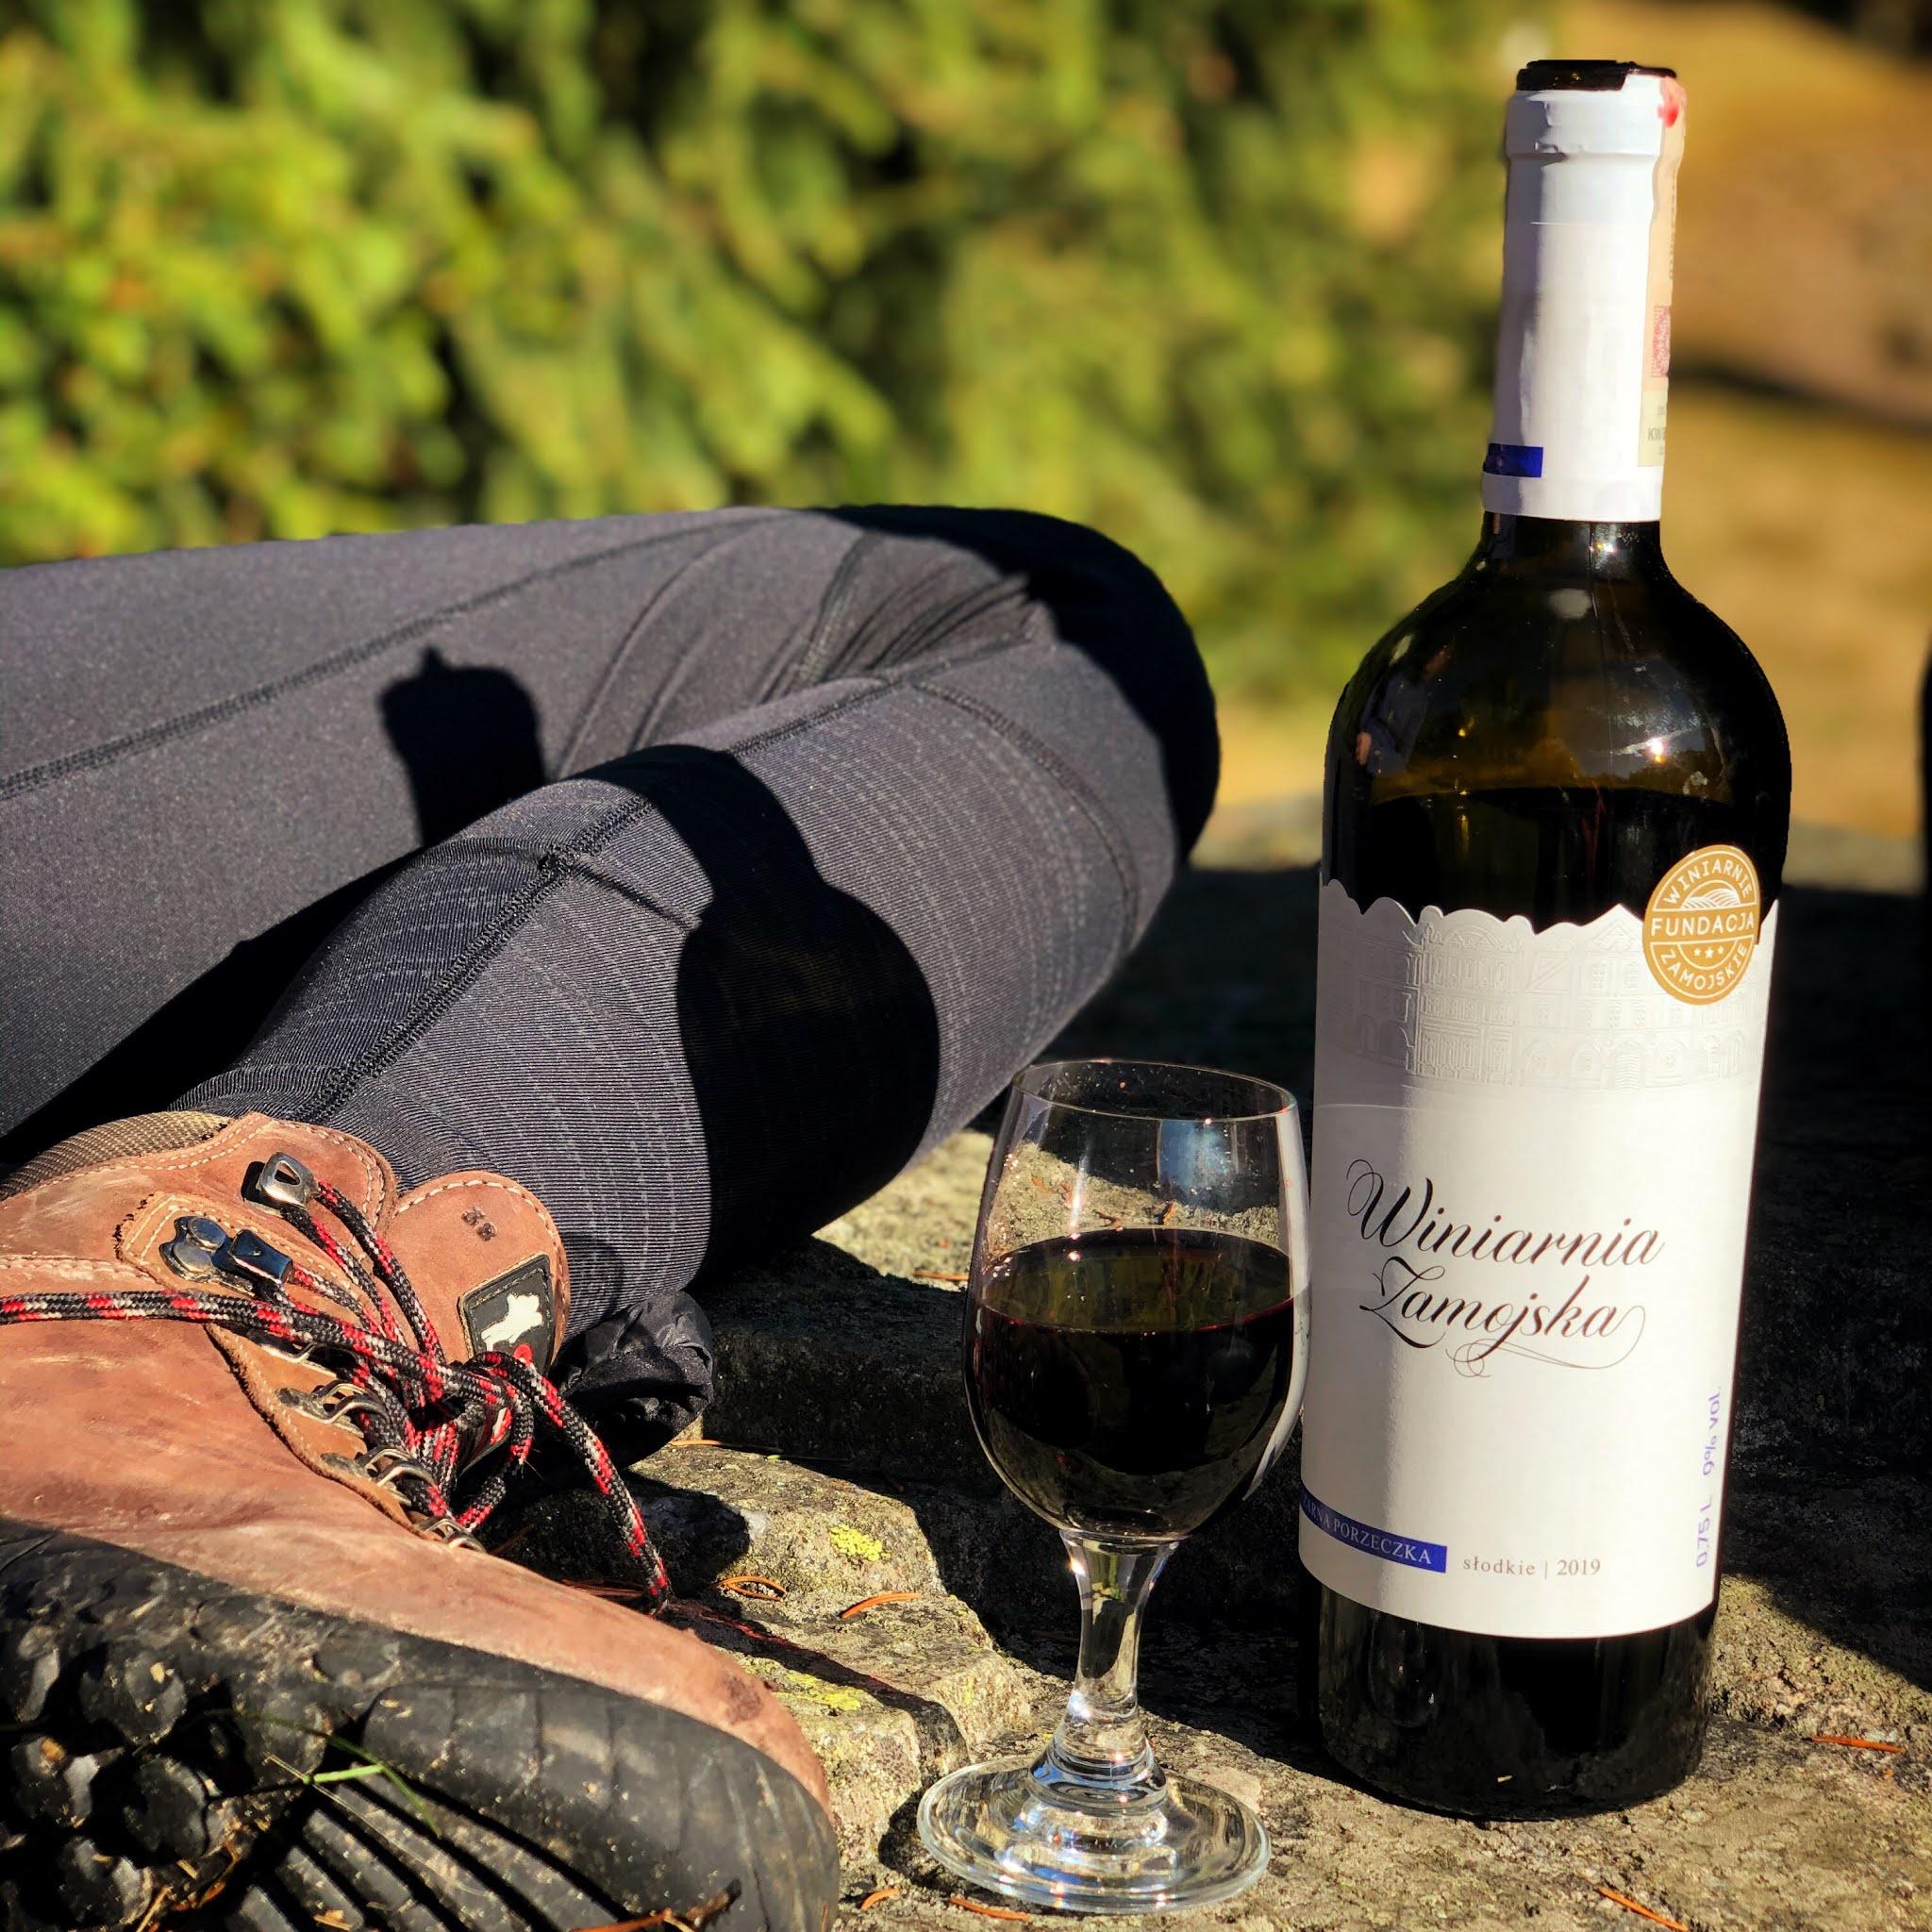 Owocowe wina z polskiego Roztocza - Winiarnia Zamojska